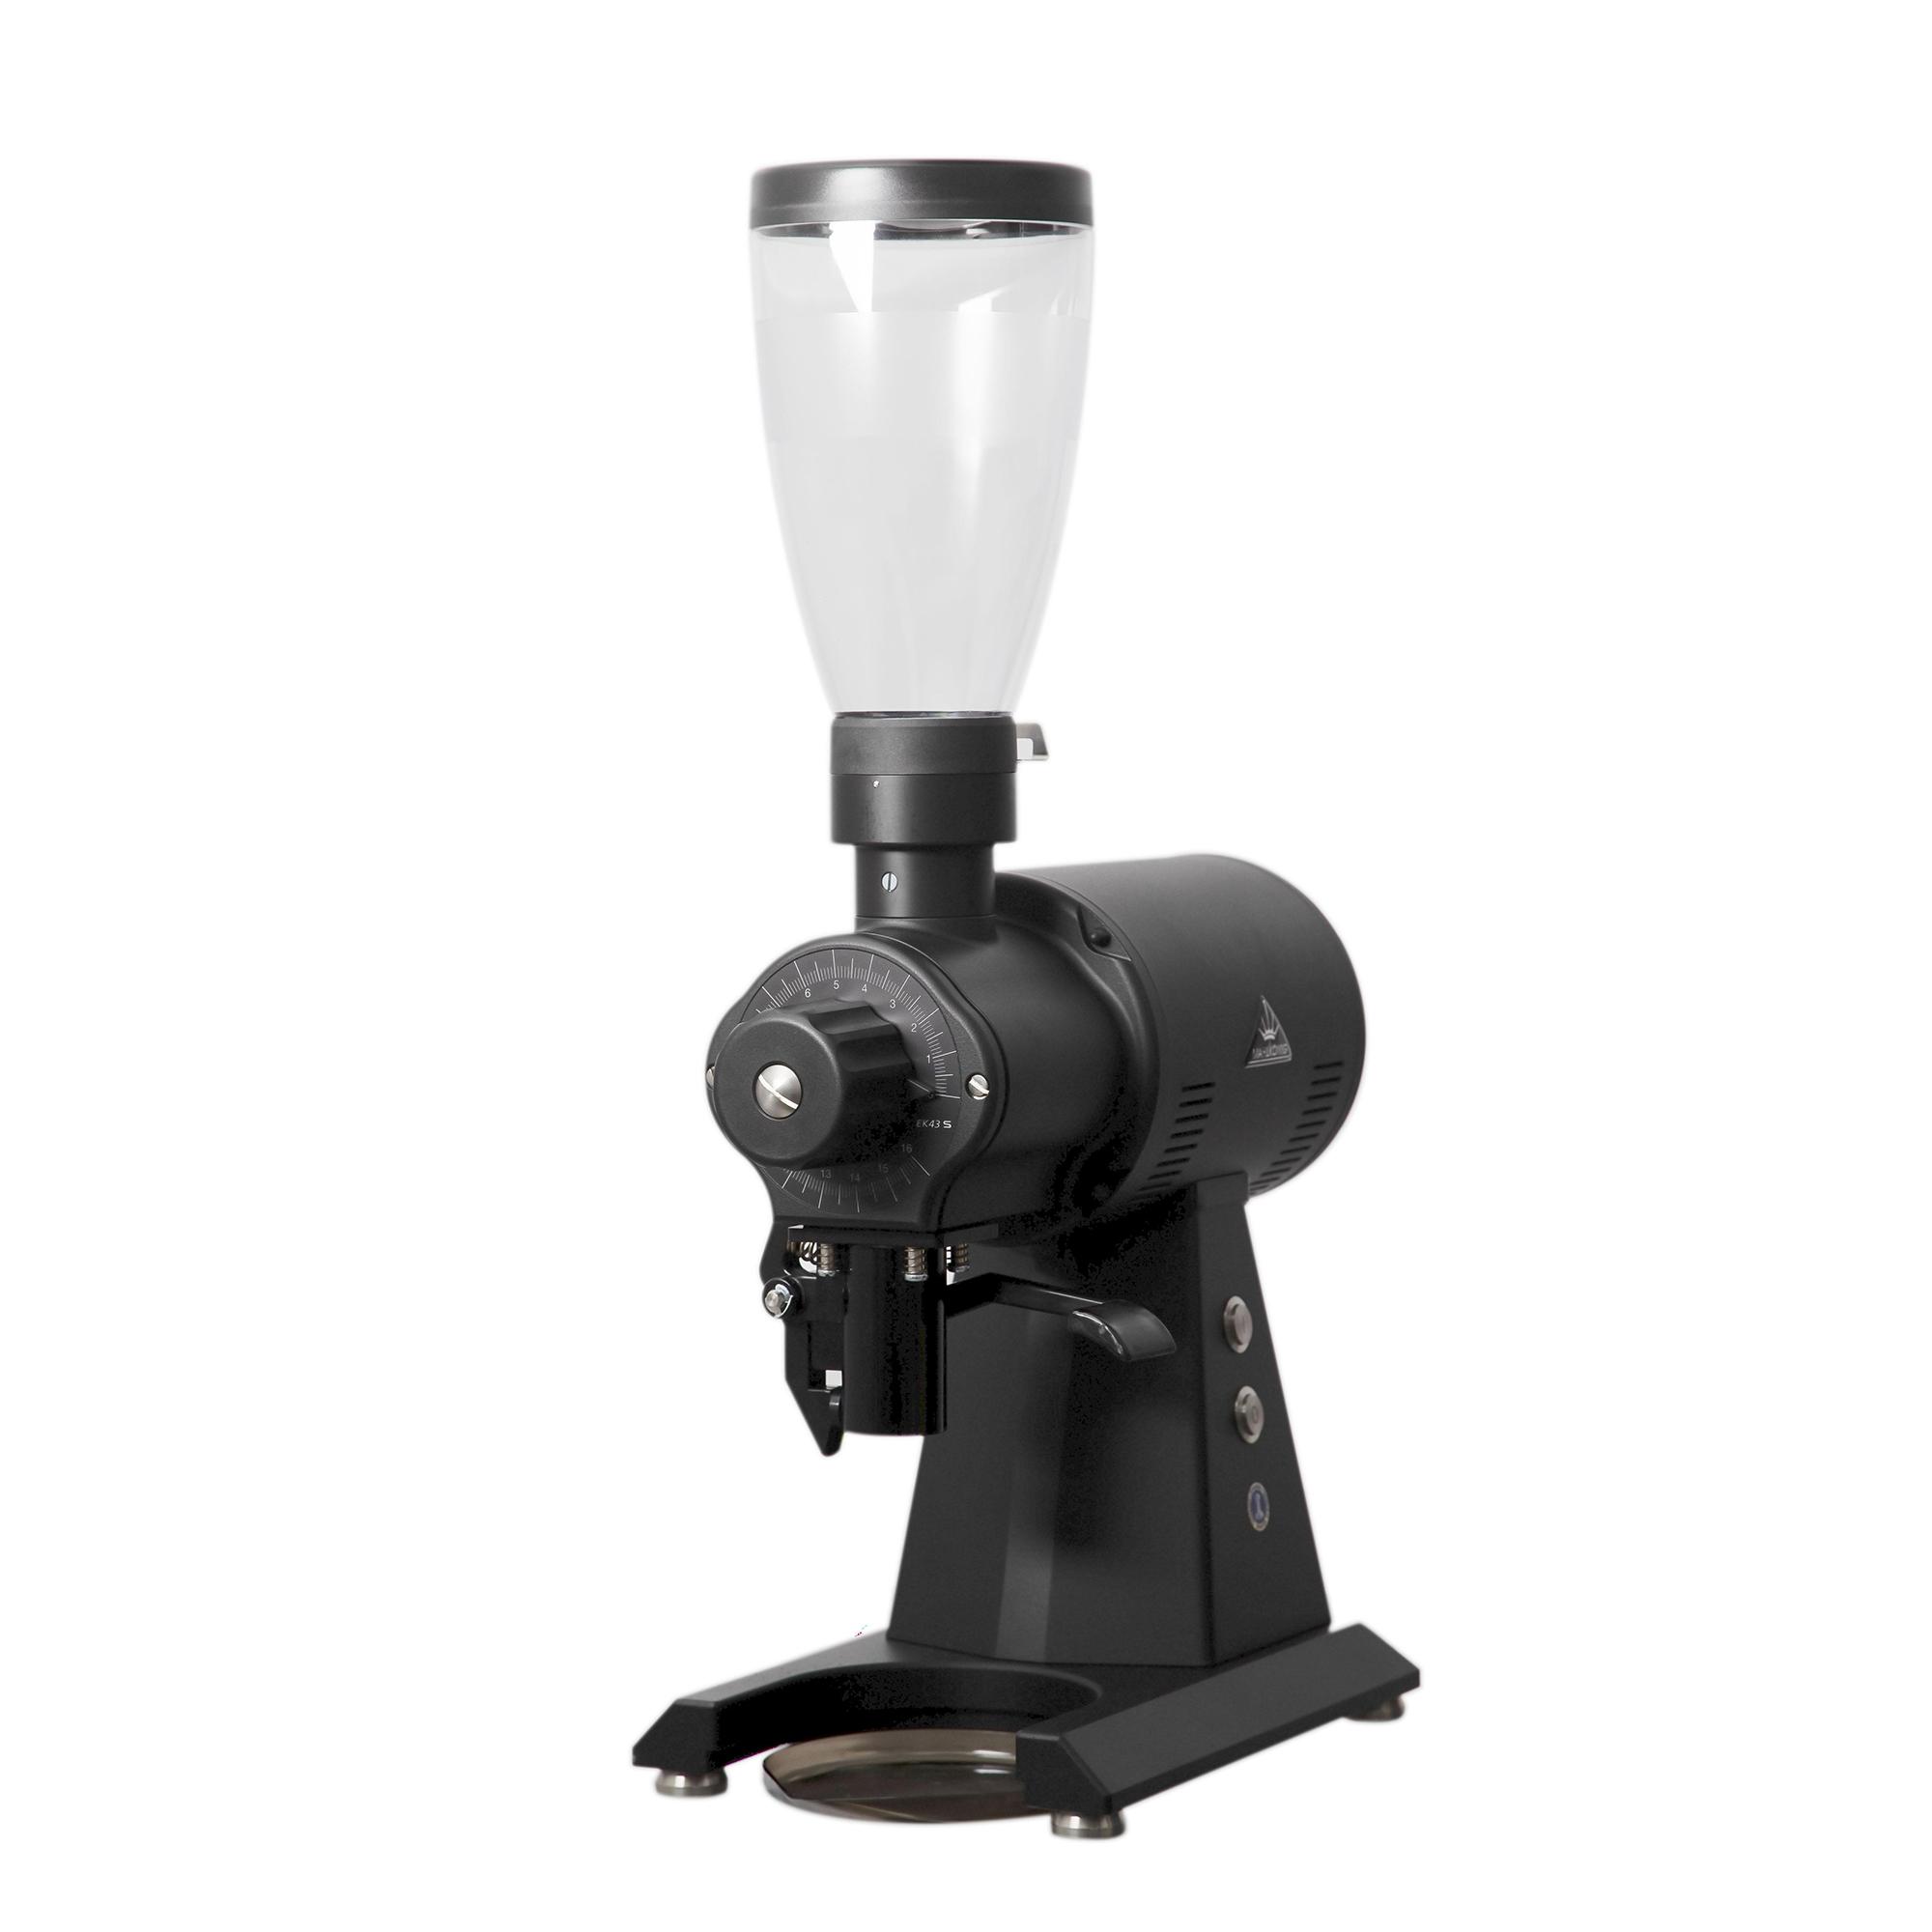 Mahlkonig EK43S Espresso Grinder BLACK